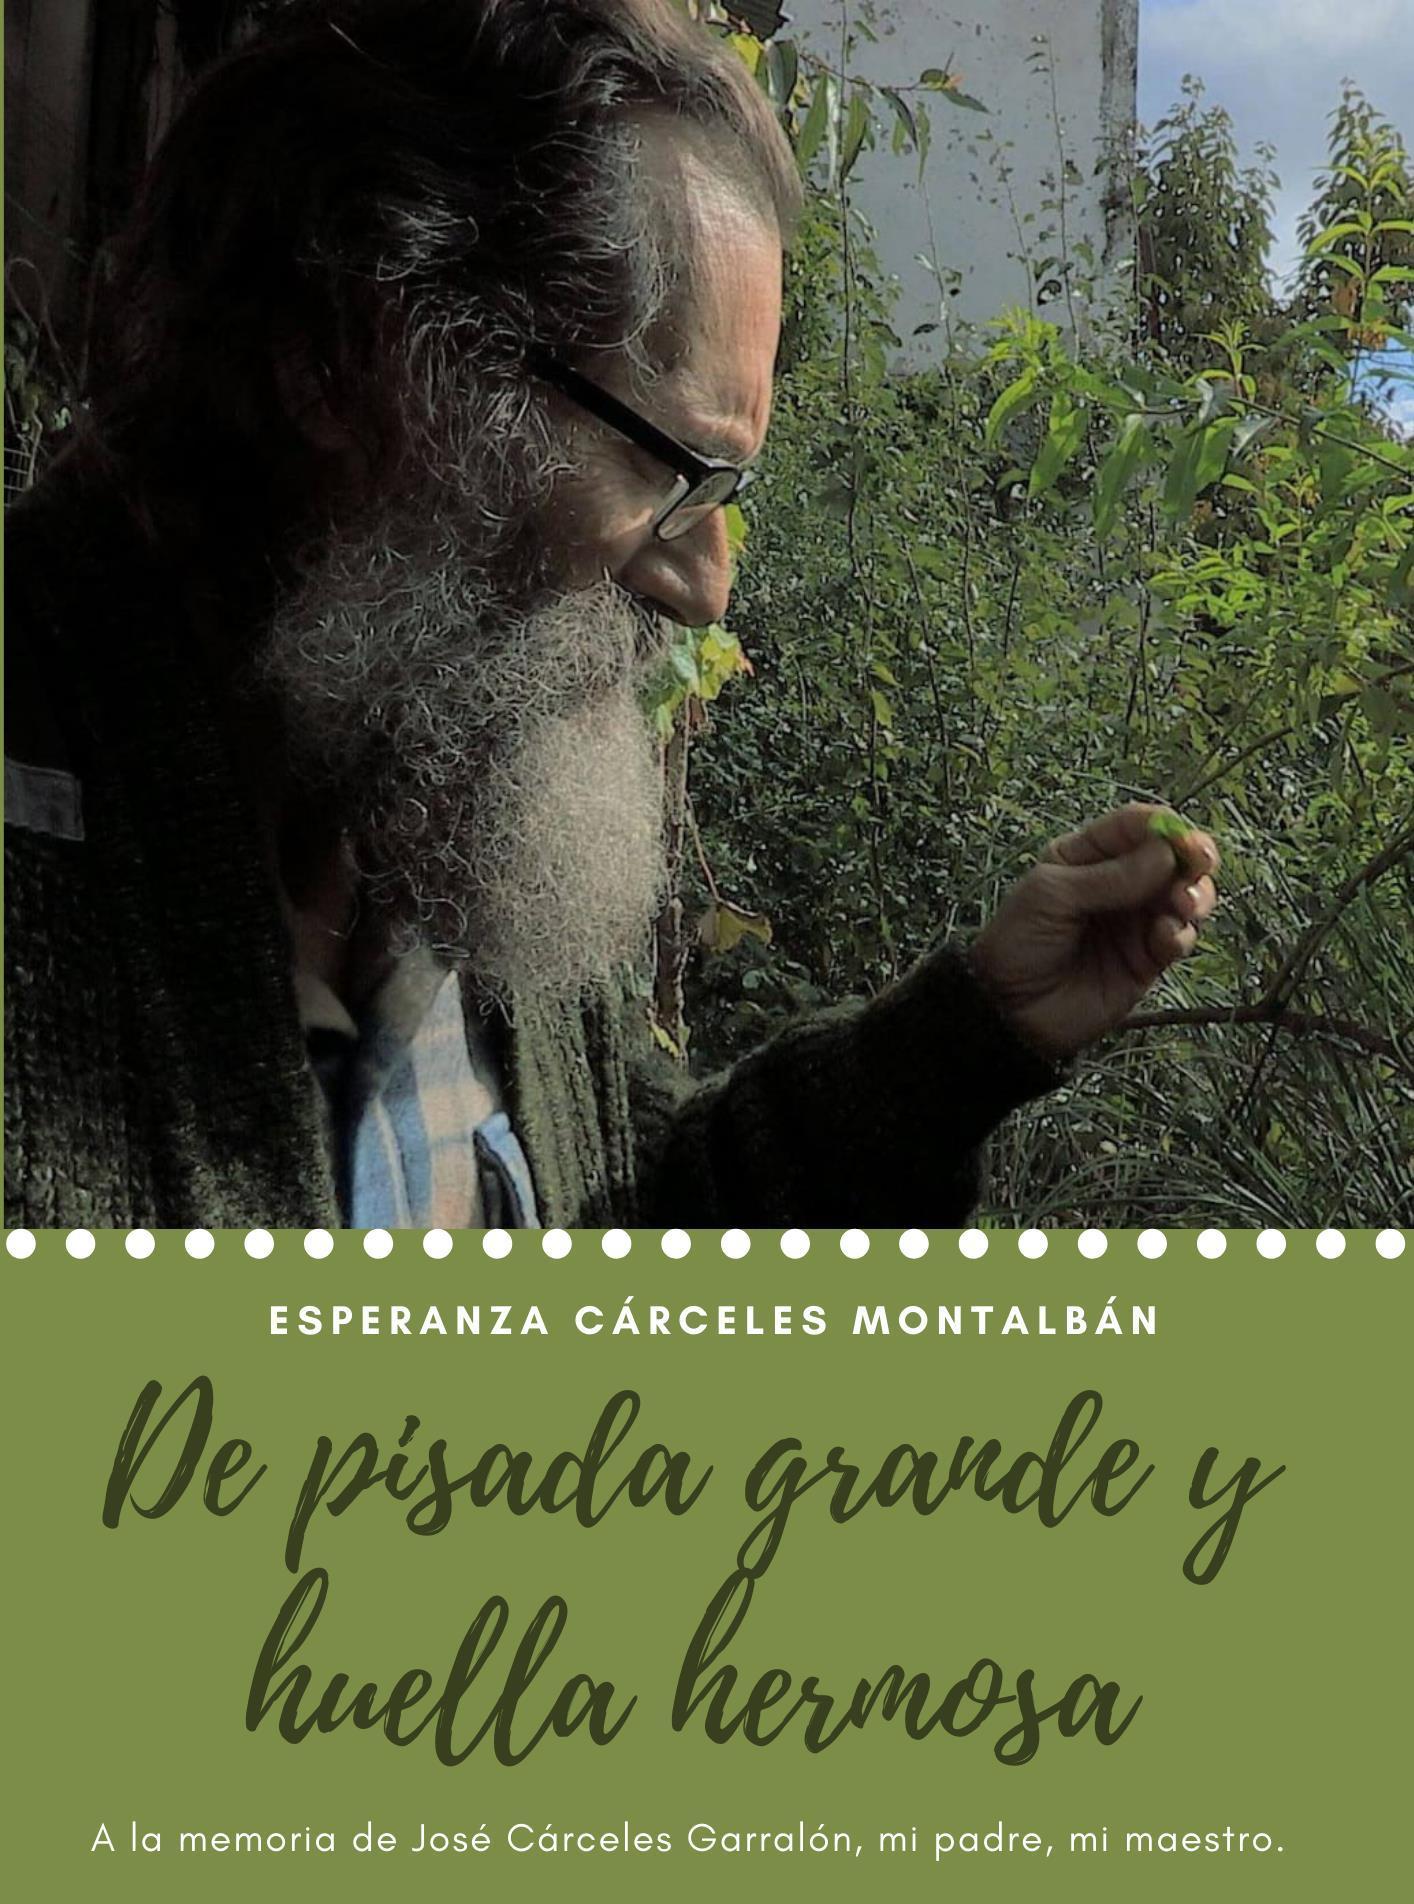 Page 34 of De pisada grande y huella hermosa Esperanza Cárceles